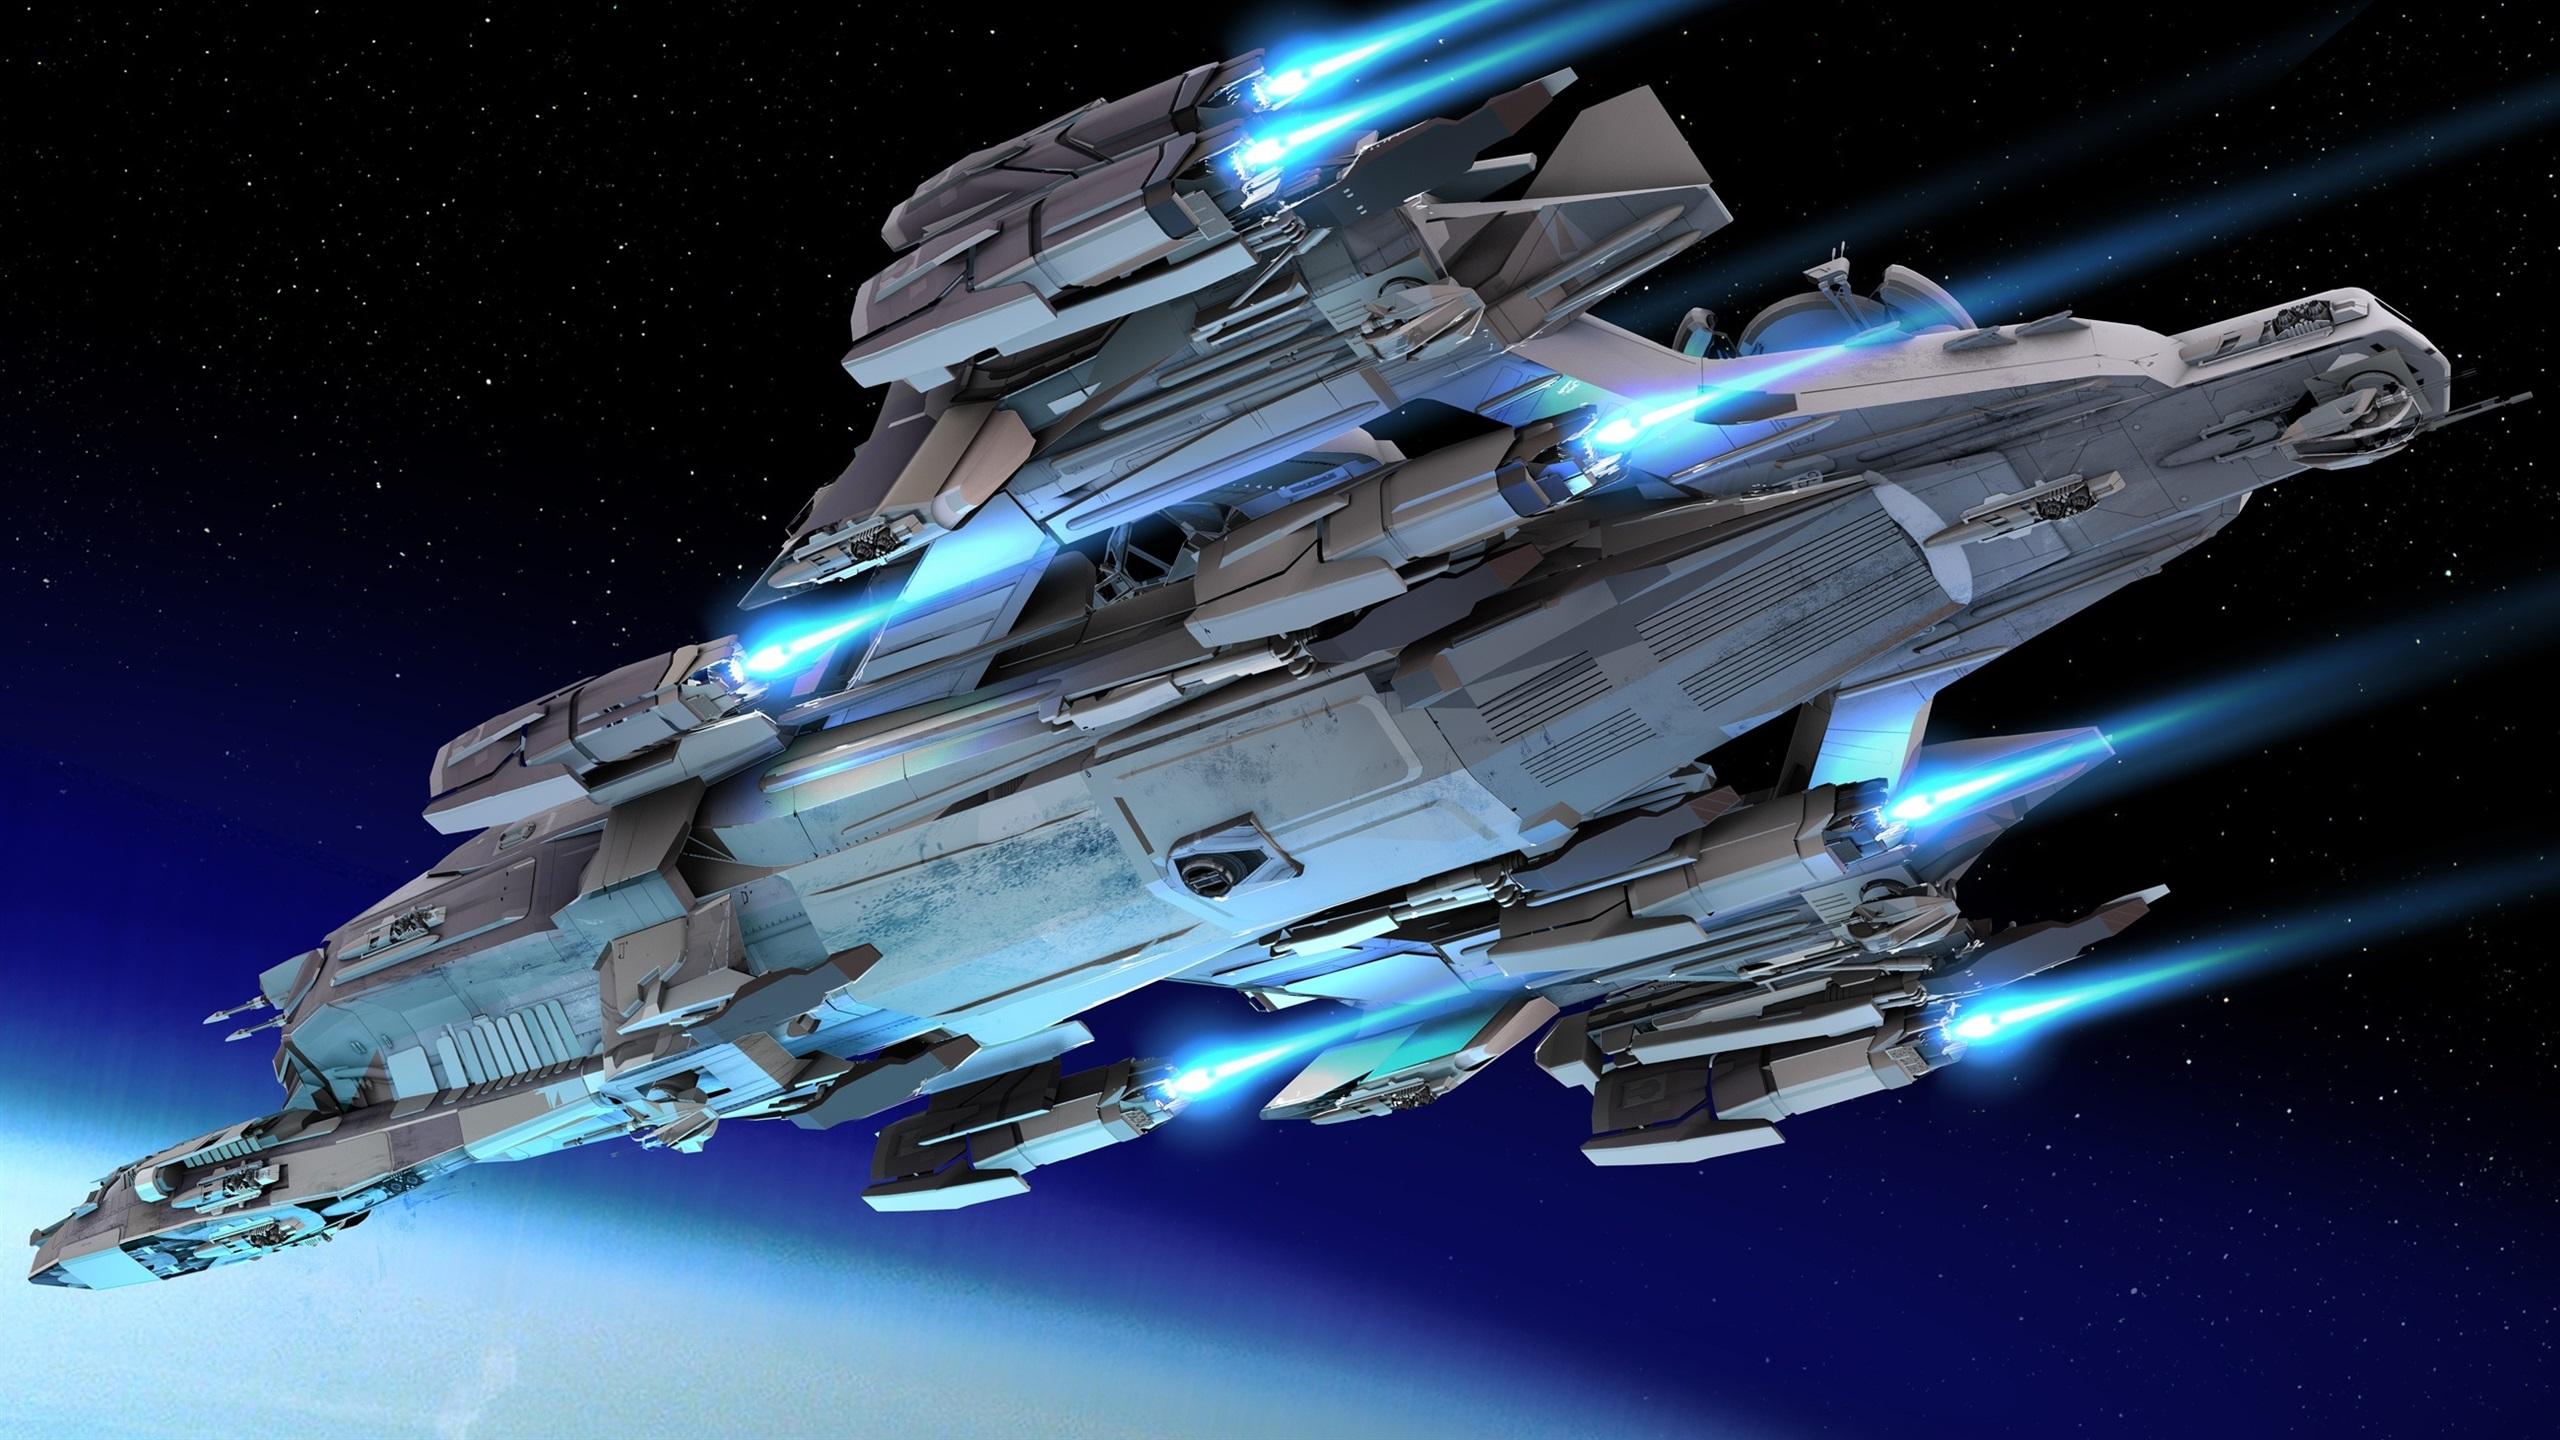 壁紙 宇宙船 ボトムビュー 飛行 宇宙 星 2560x1440 Qhd 無料のデスクトップの背景 画像